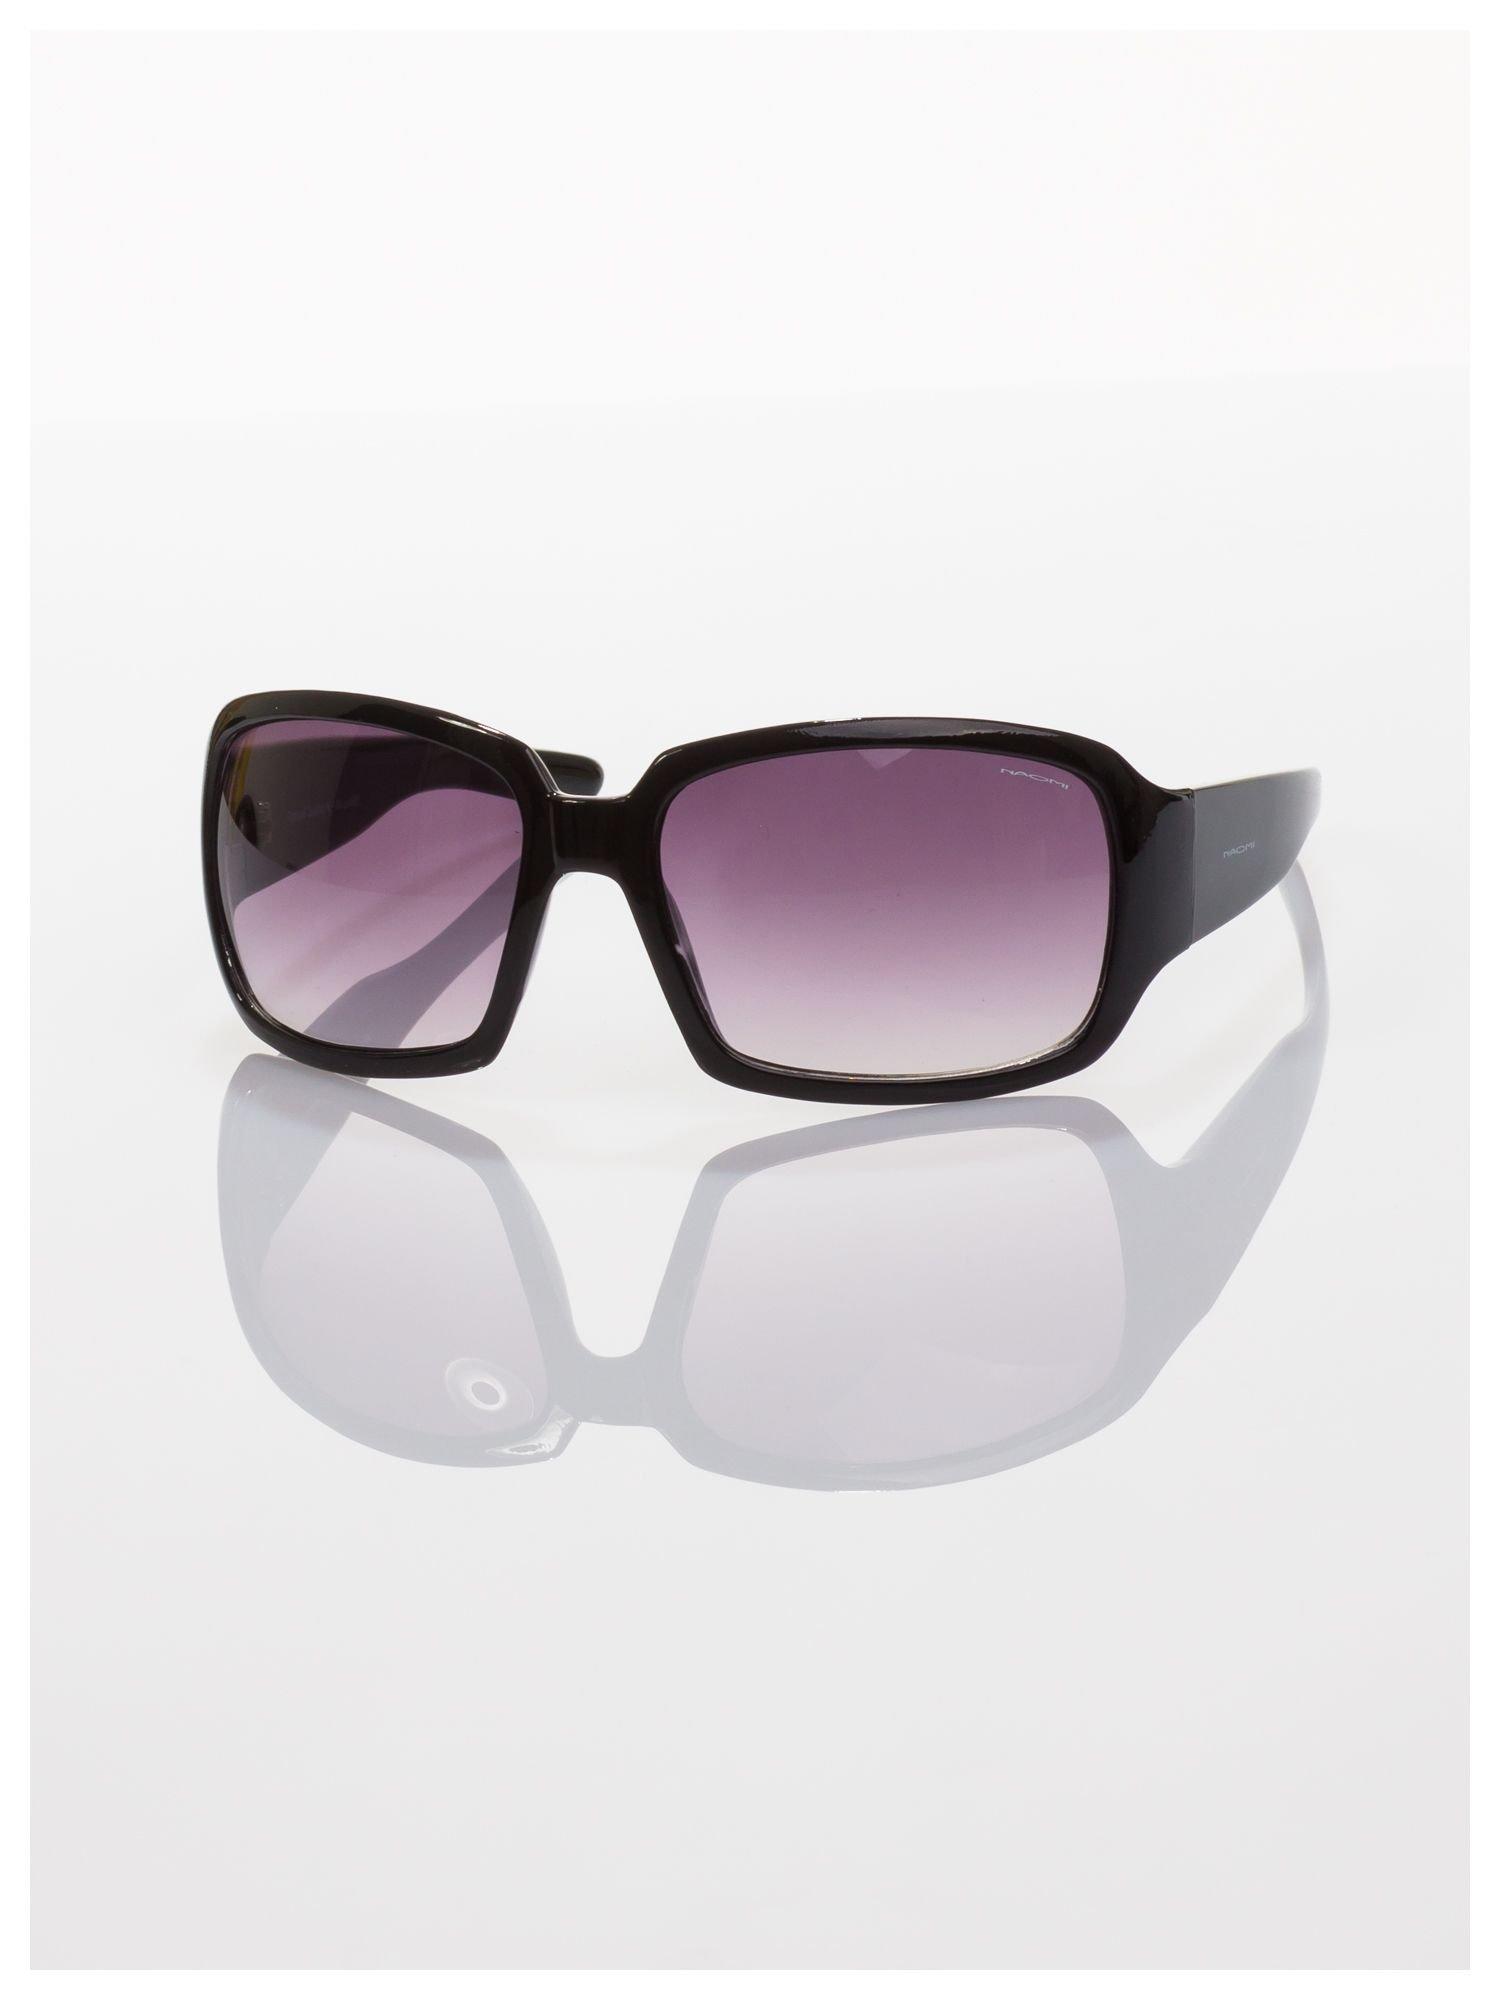 Czarne okulary przeciwsłoneczne dobrze eliminujące refleksy świetlne                                  zdj.                                  1